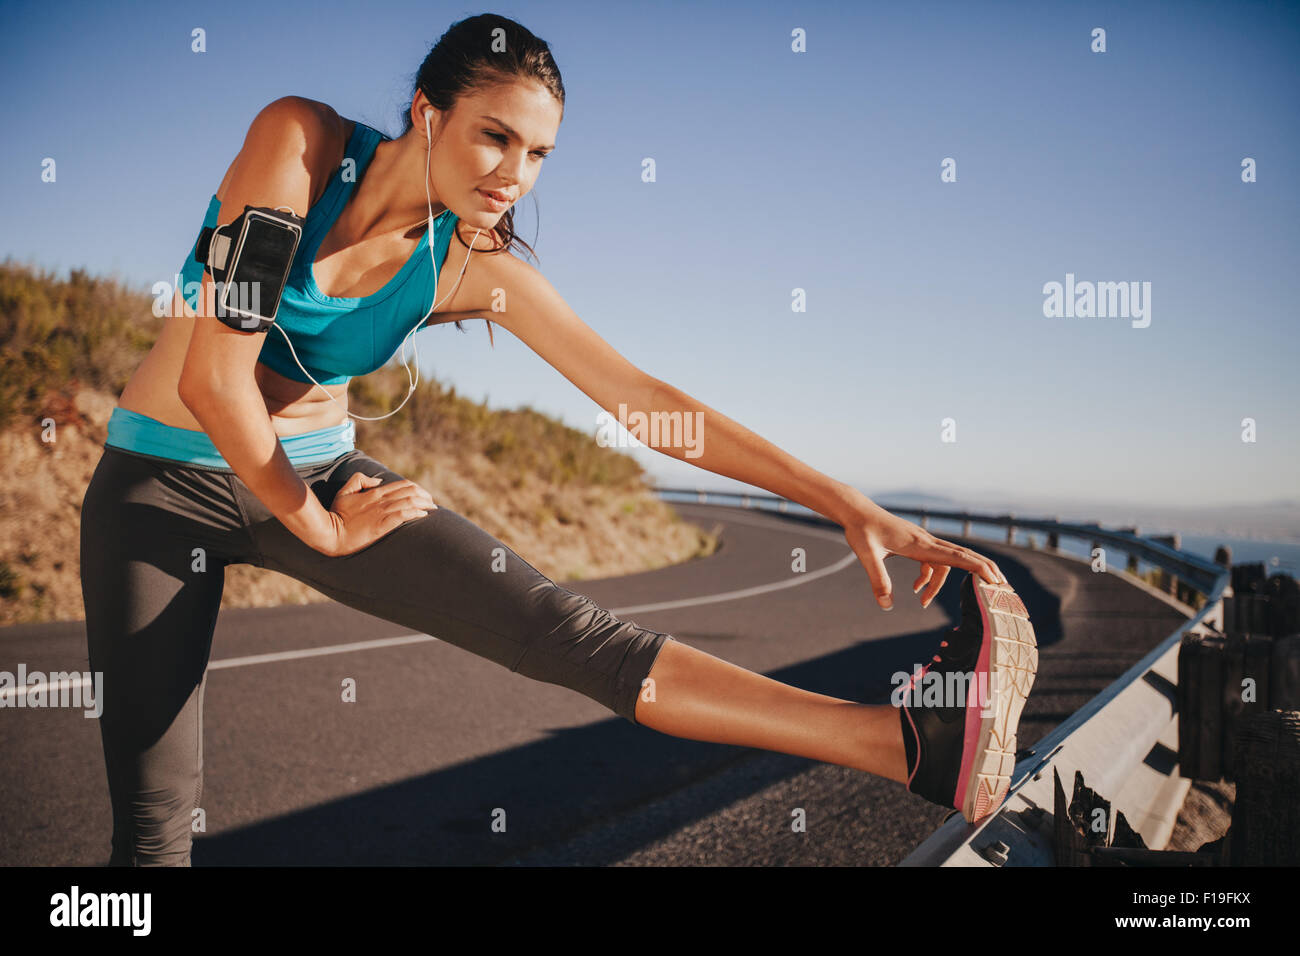 Determinata giovane donna in fase di riscaldamento prima di correre. Atleta femminile stretching la gamba sul guardrail Immagini Stock